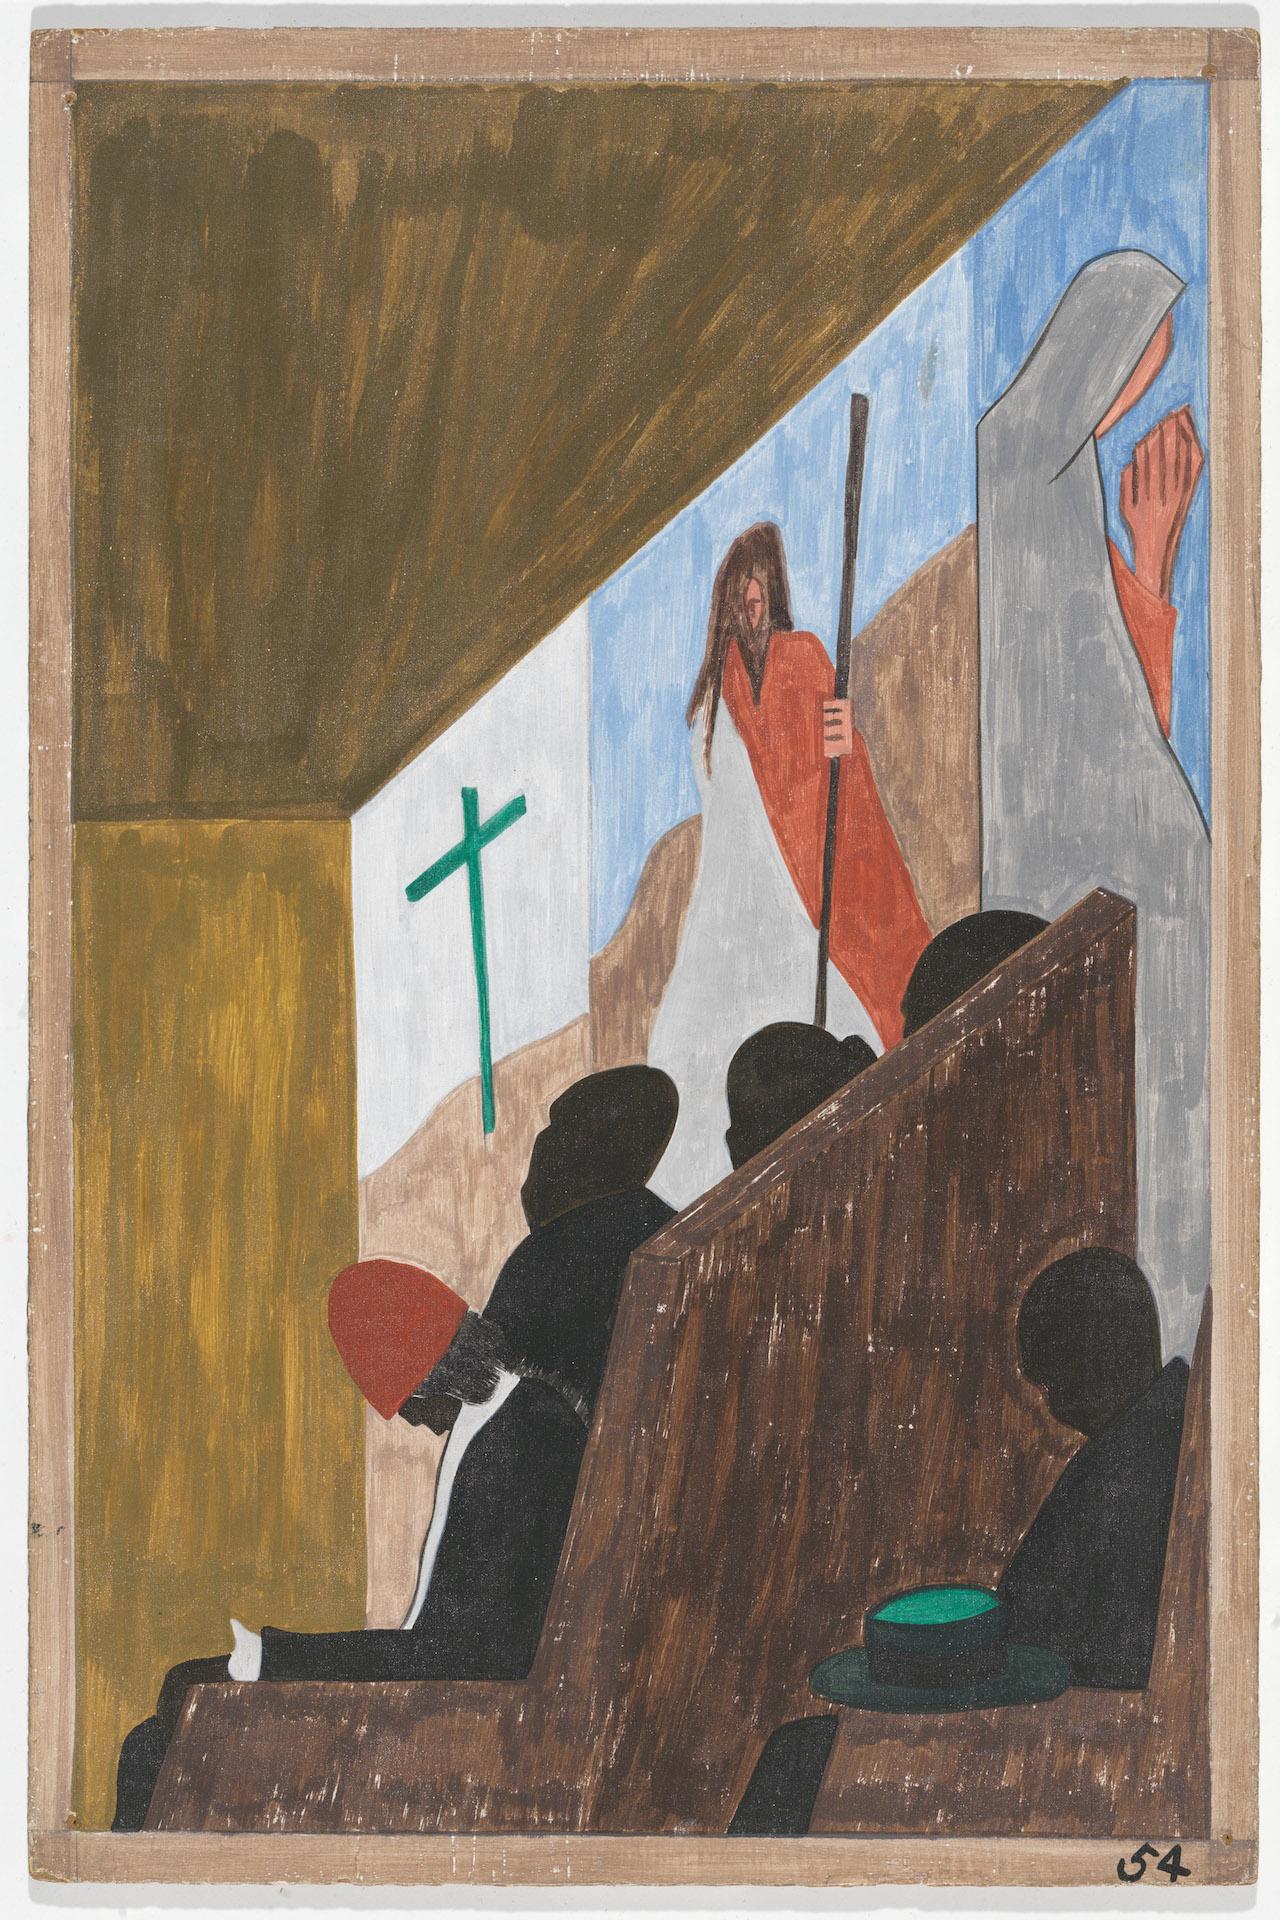 3) JACOB LAWRENCE, panel 54, 18x12